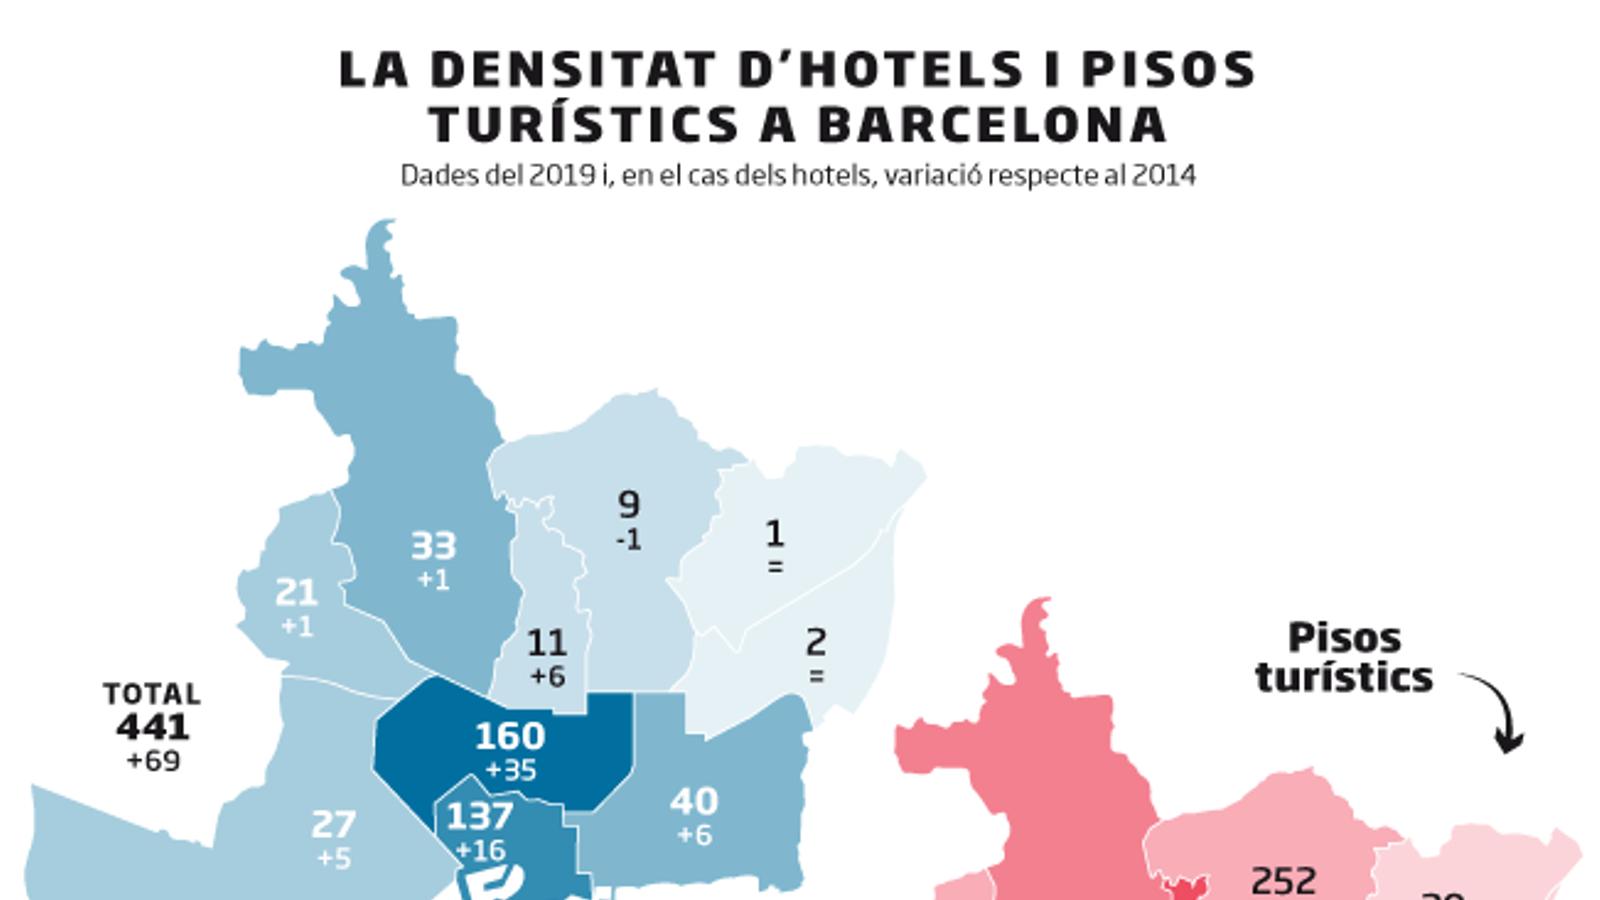 Punxen els plans per allunyar els turistes del centre de Barcelona